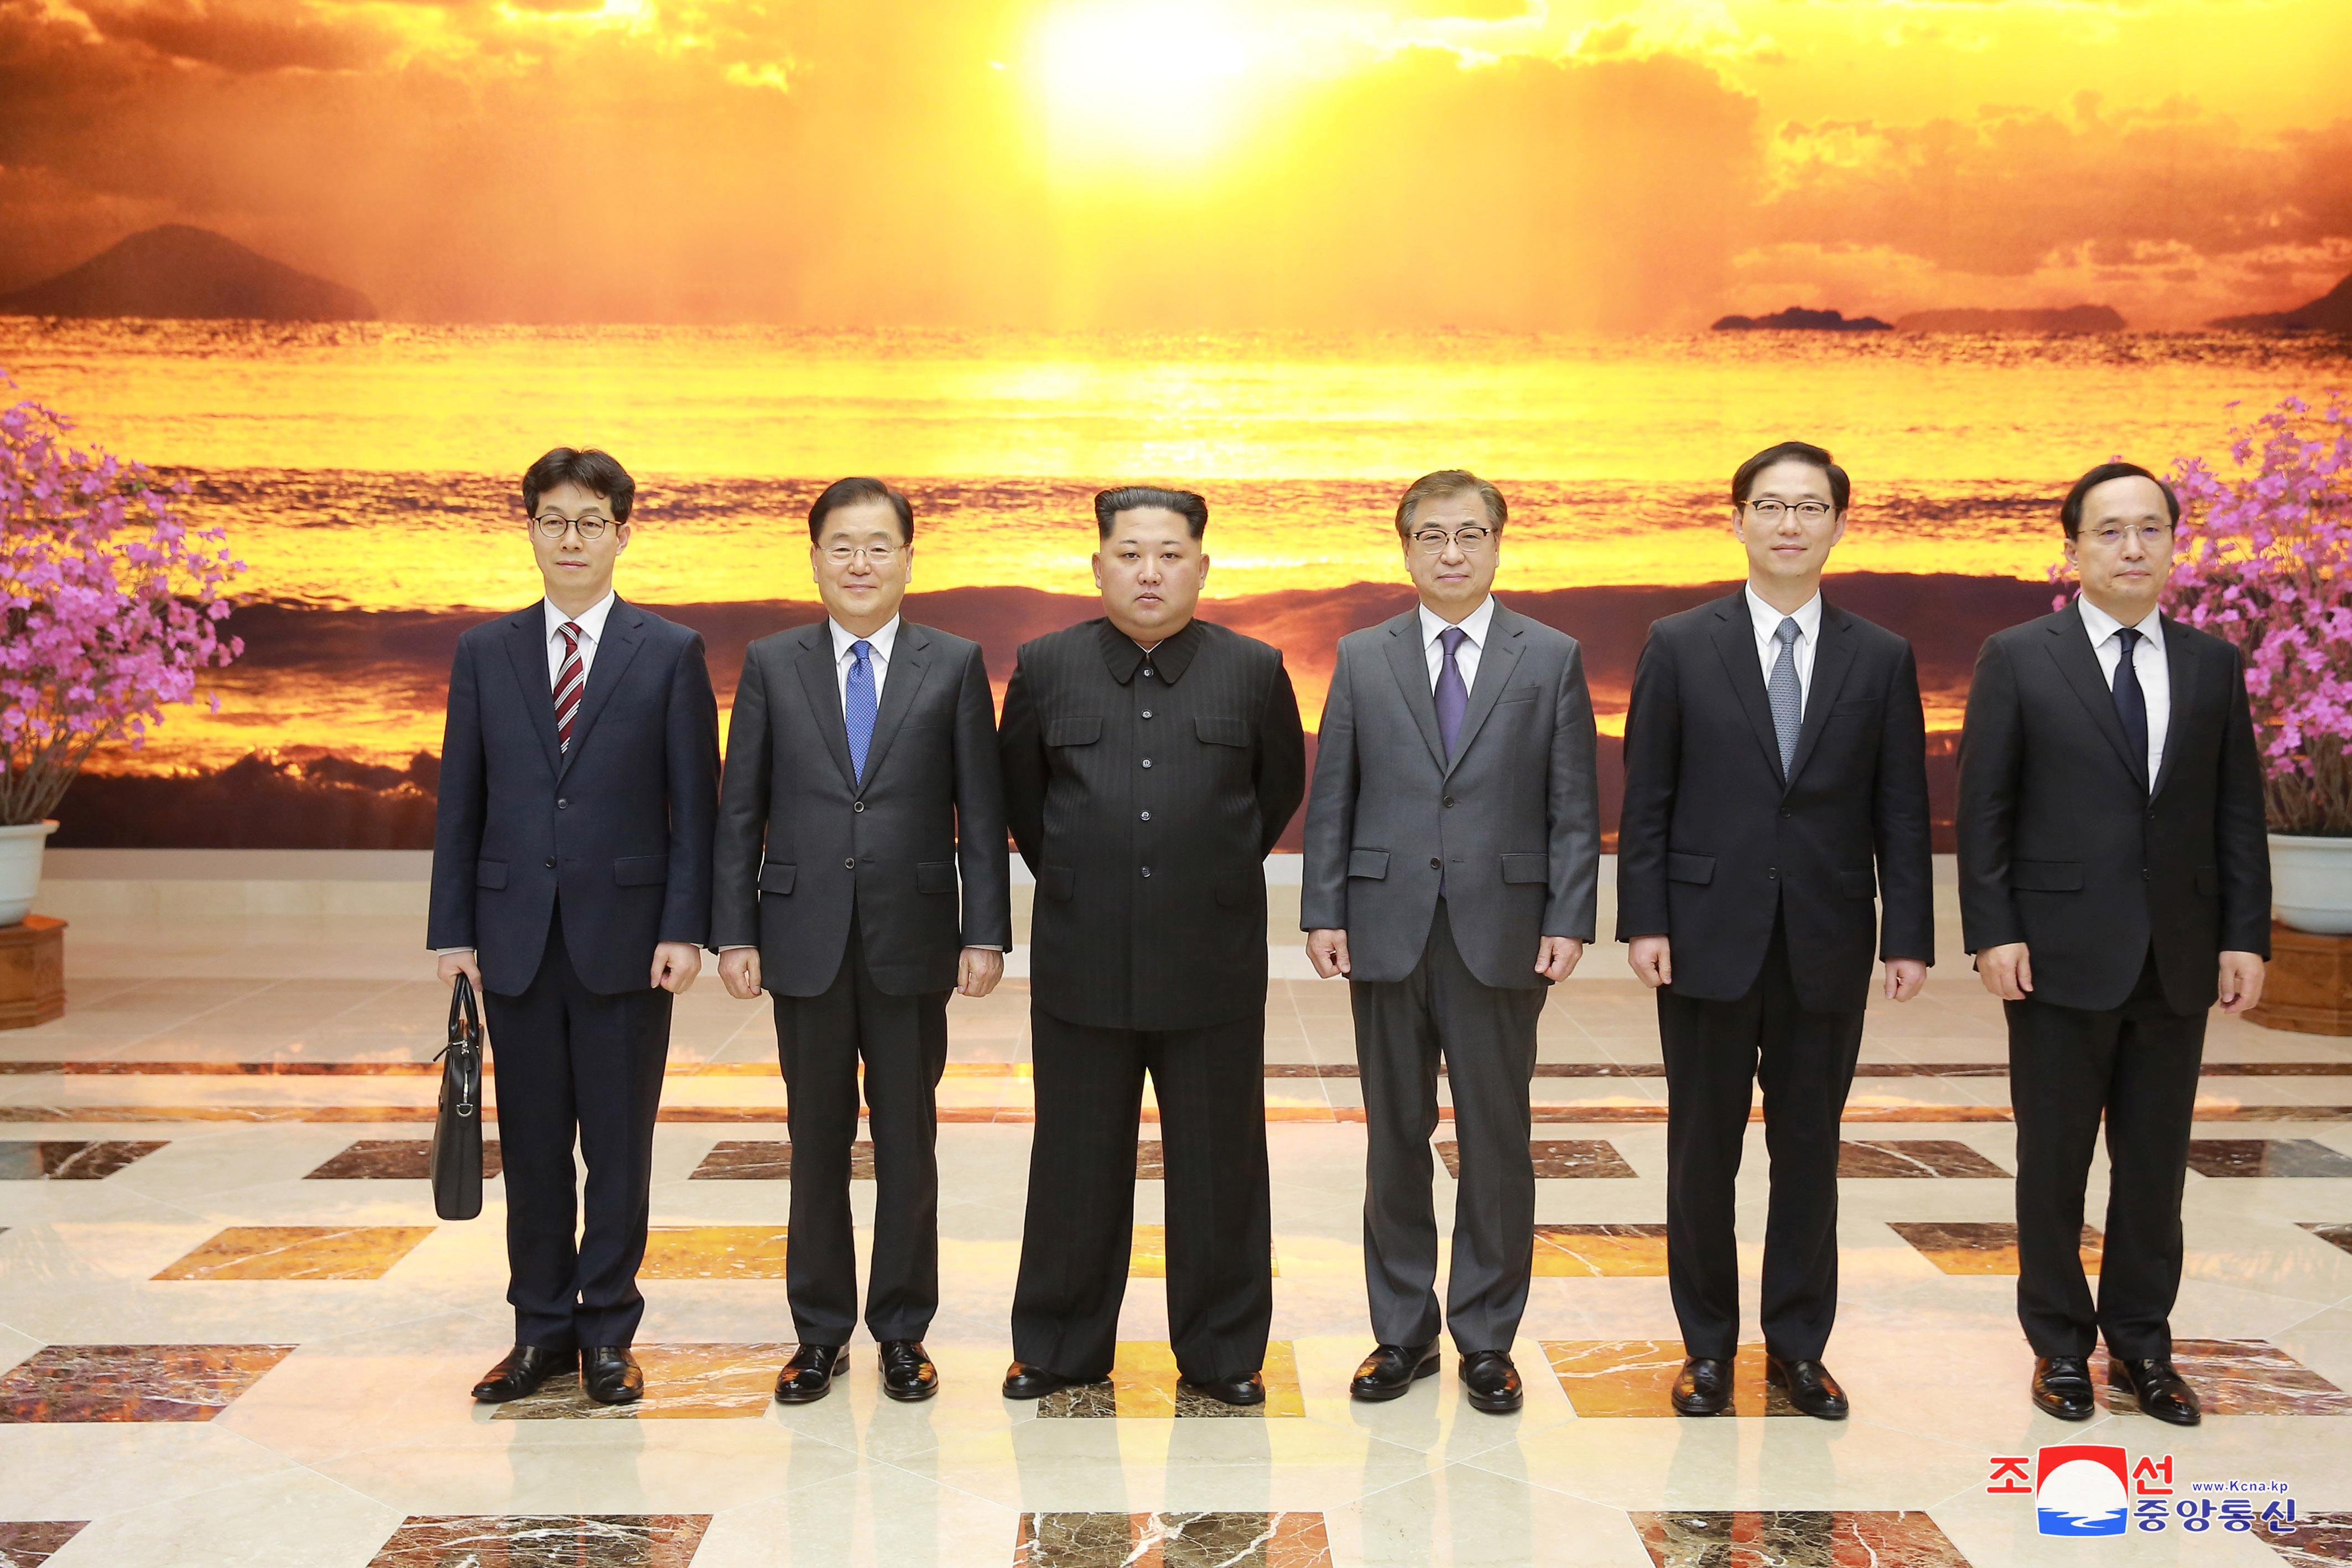 جانب من اللقاء الذى جمع زعيم كوريا الشمالية مع وفد كوريا الجنوبية